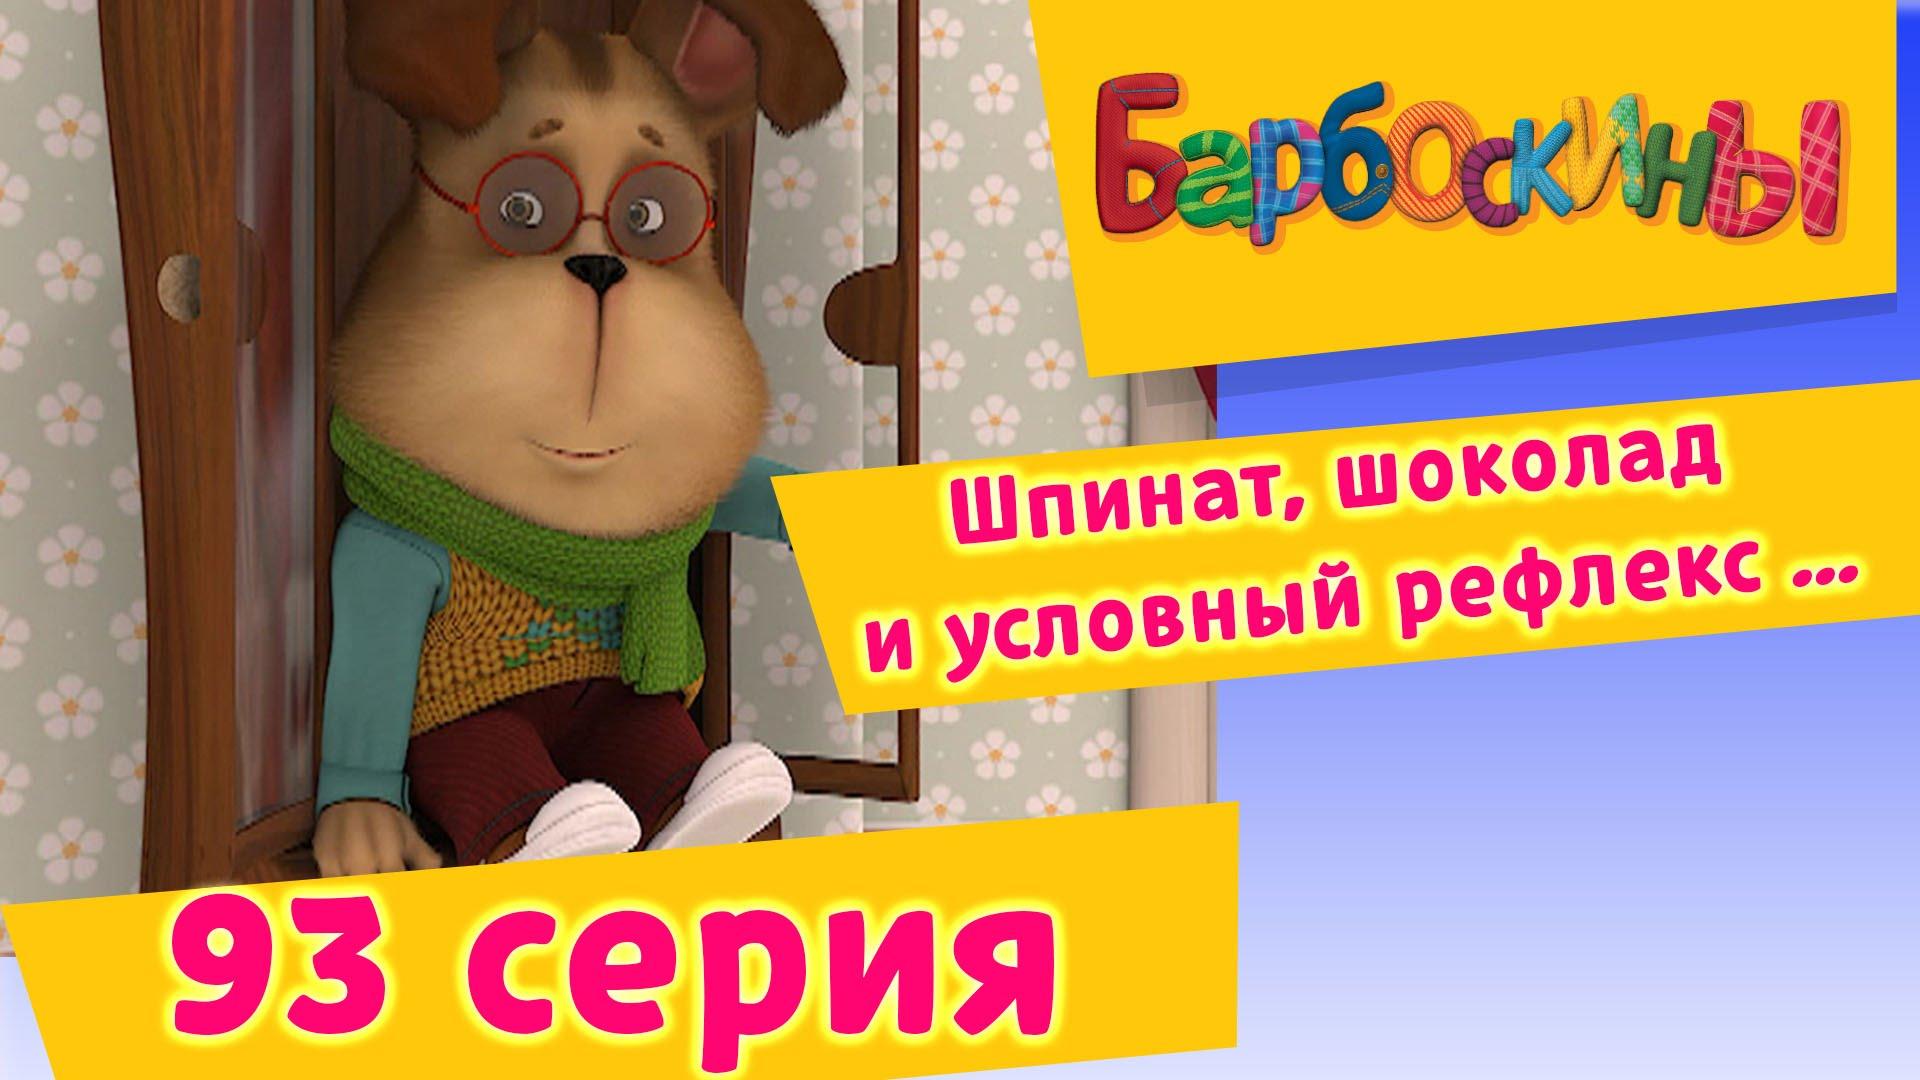 Барбоскины — 93 Серия. Шпинат, шоколад и условный рефлекс